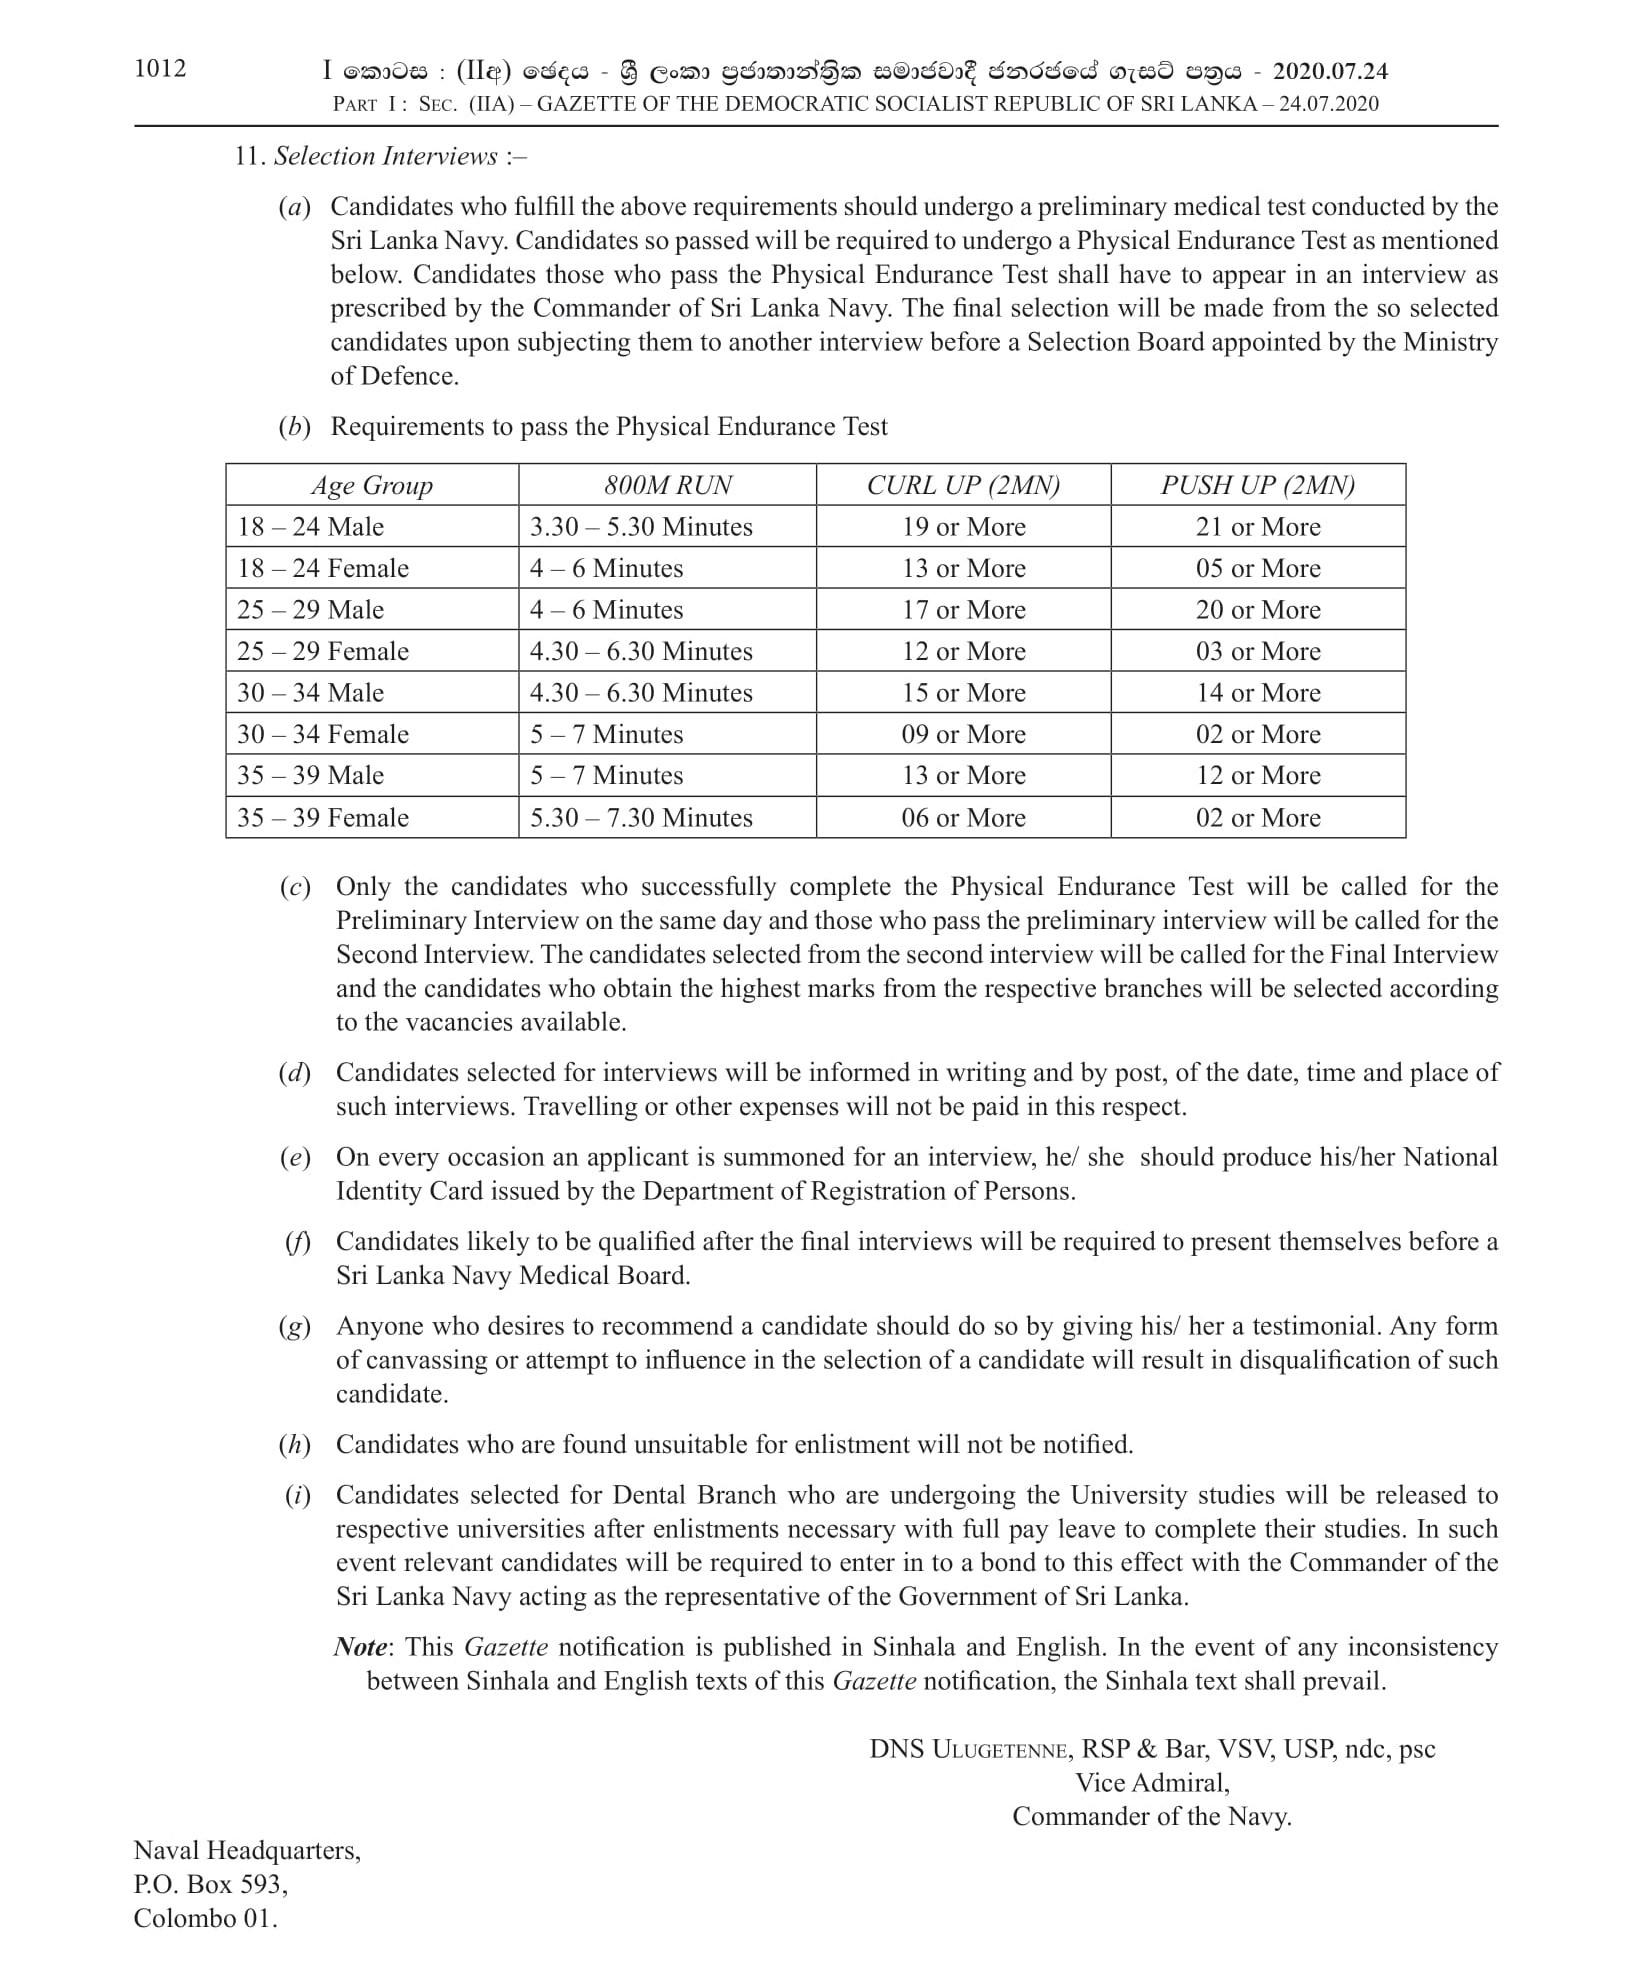 Direct Entry Officer Vacancies (2020) - Sri Lanka Regular/Volunteer Naval Force